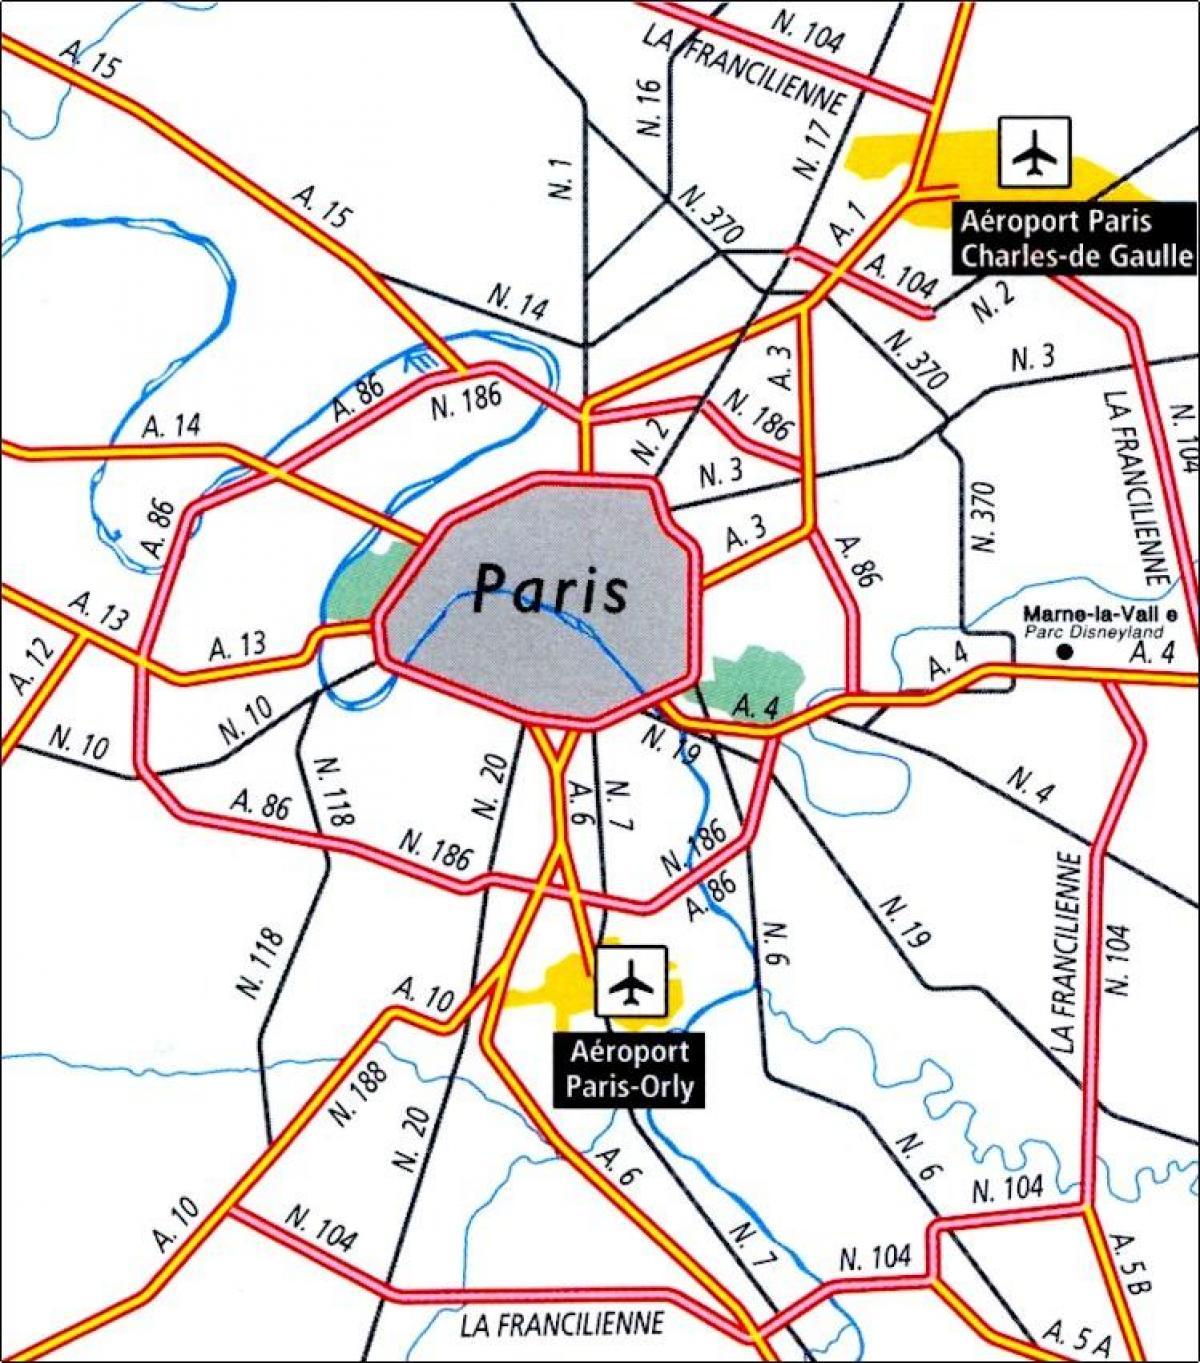 Flughafen In Paris Frankreich Karte Paris Flughafen Standorte